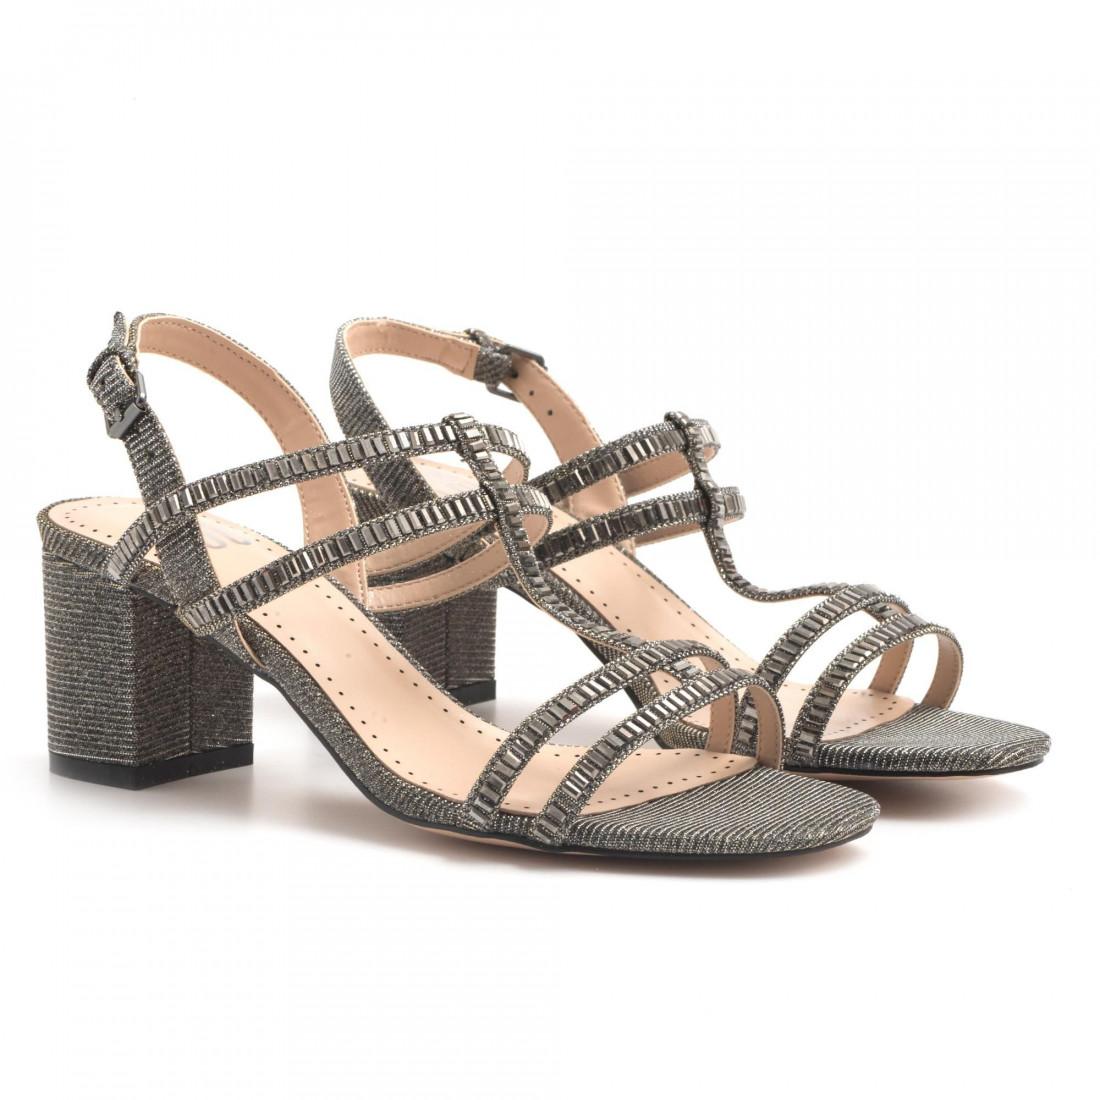 sandals woman bibi lou 820z 96gt plomo 3119